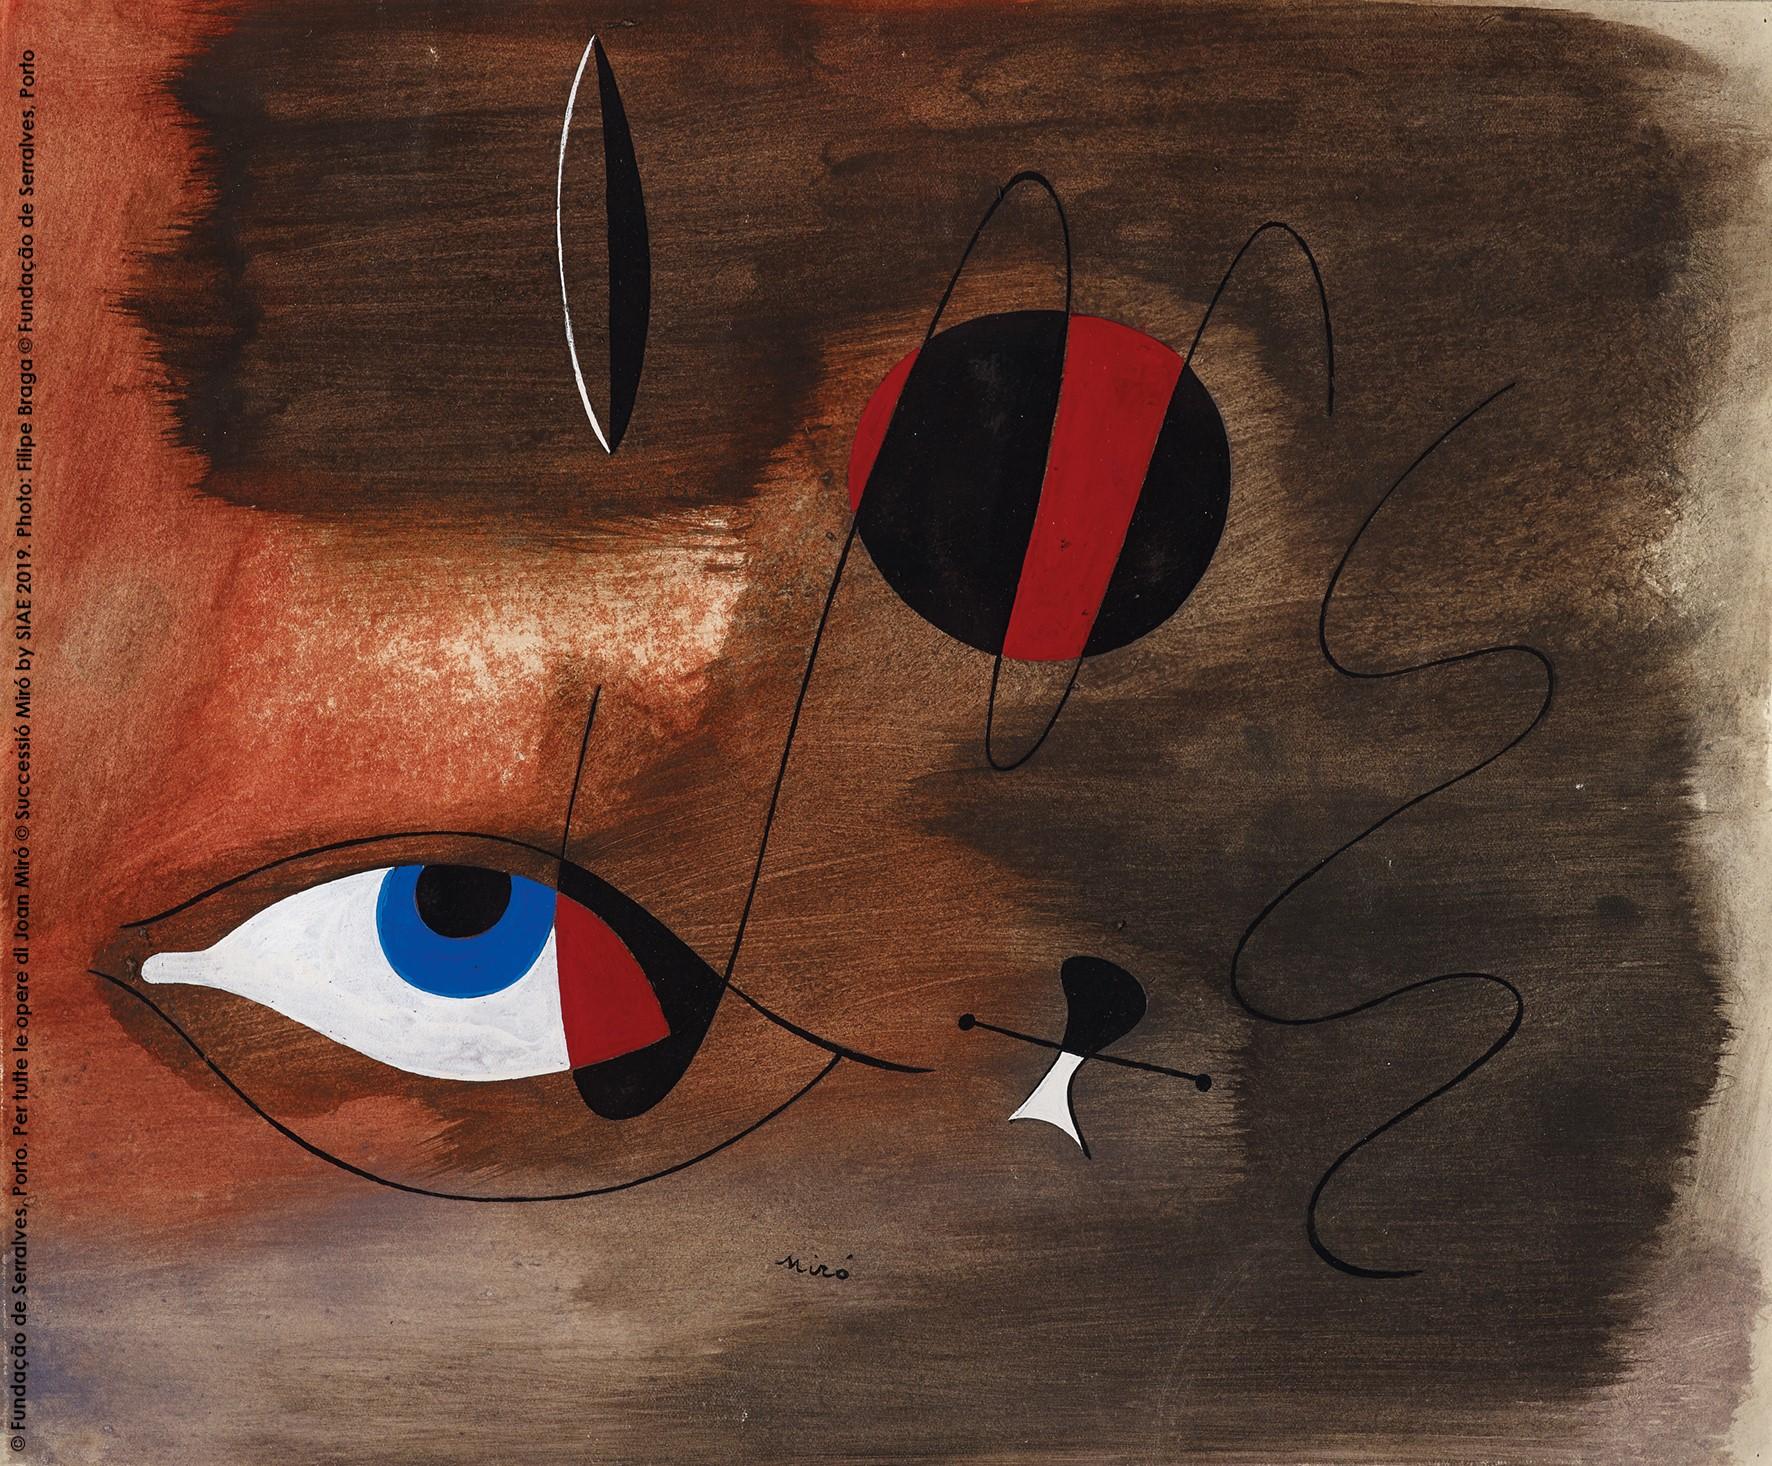 Visioni, 30 agosto 1935, Gouache e inchiostro di china su carta, 30,5 x 37 cm © Fundação de Serralves, Porto